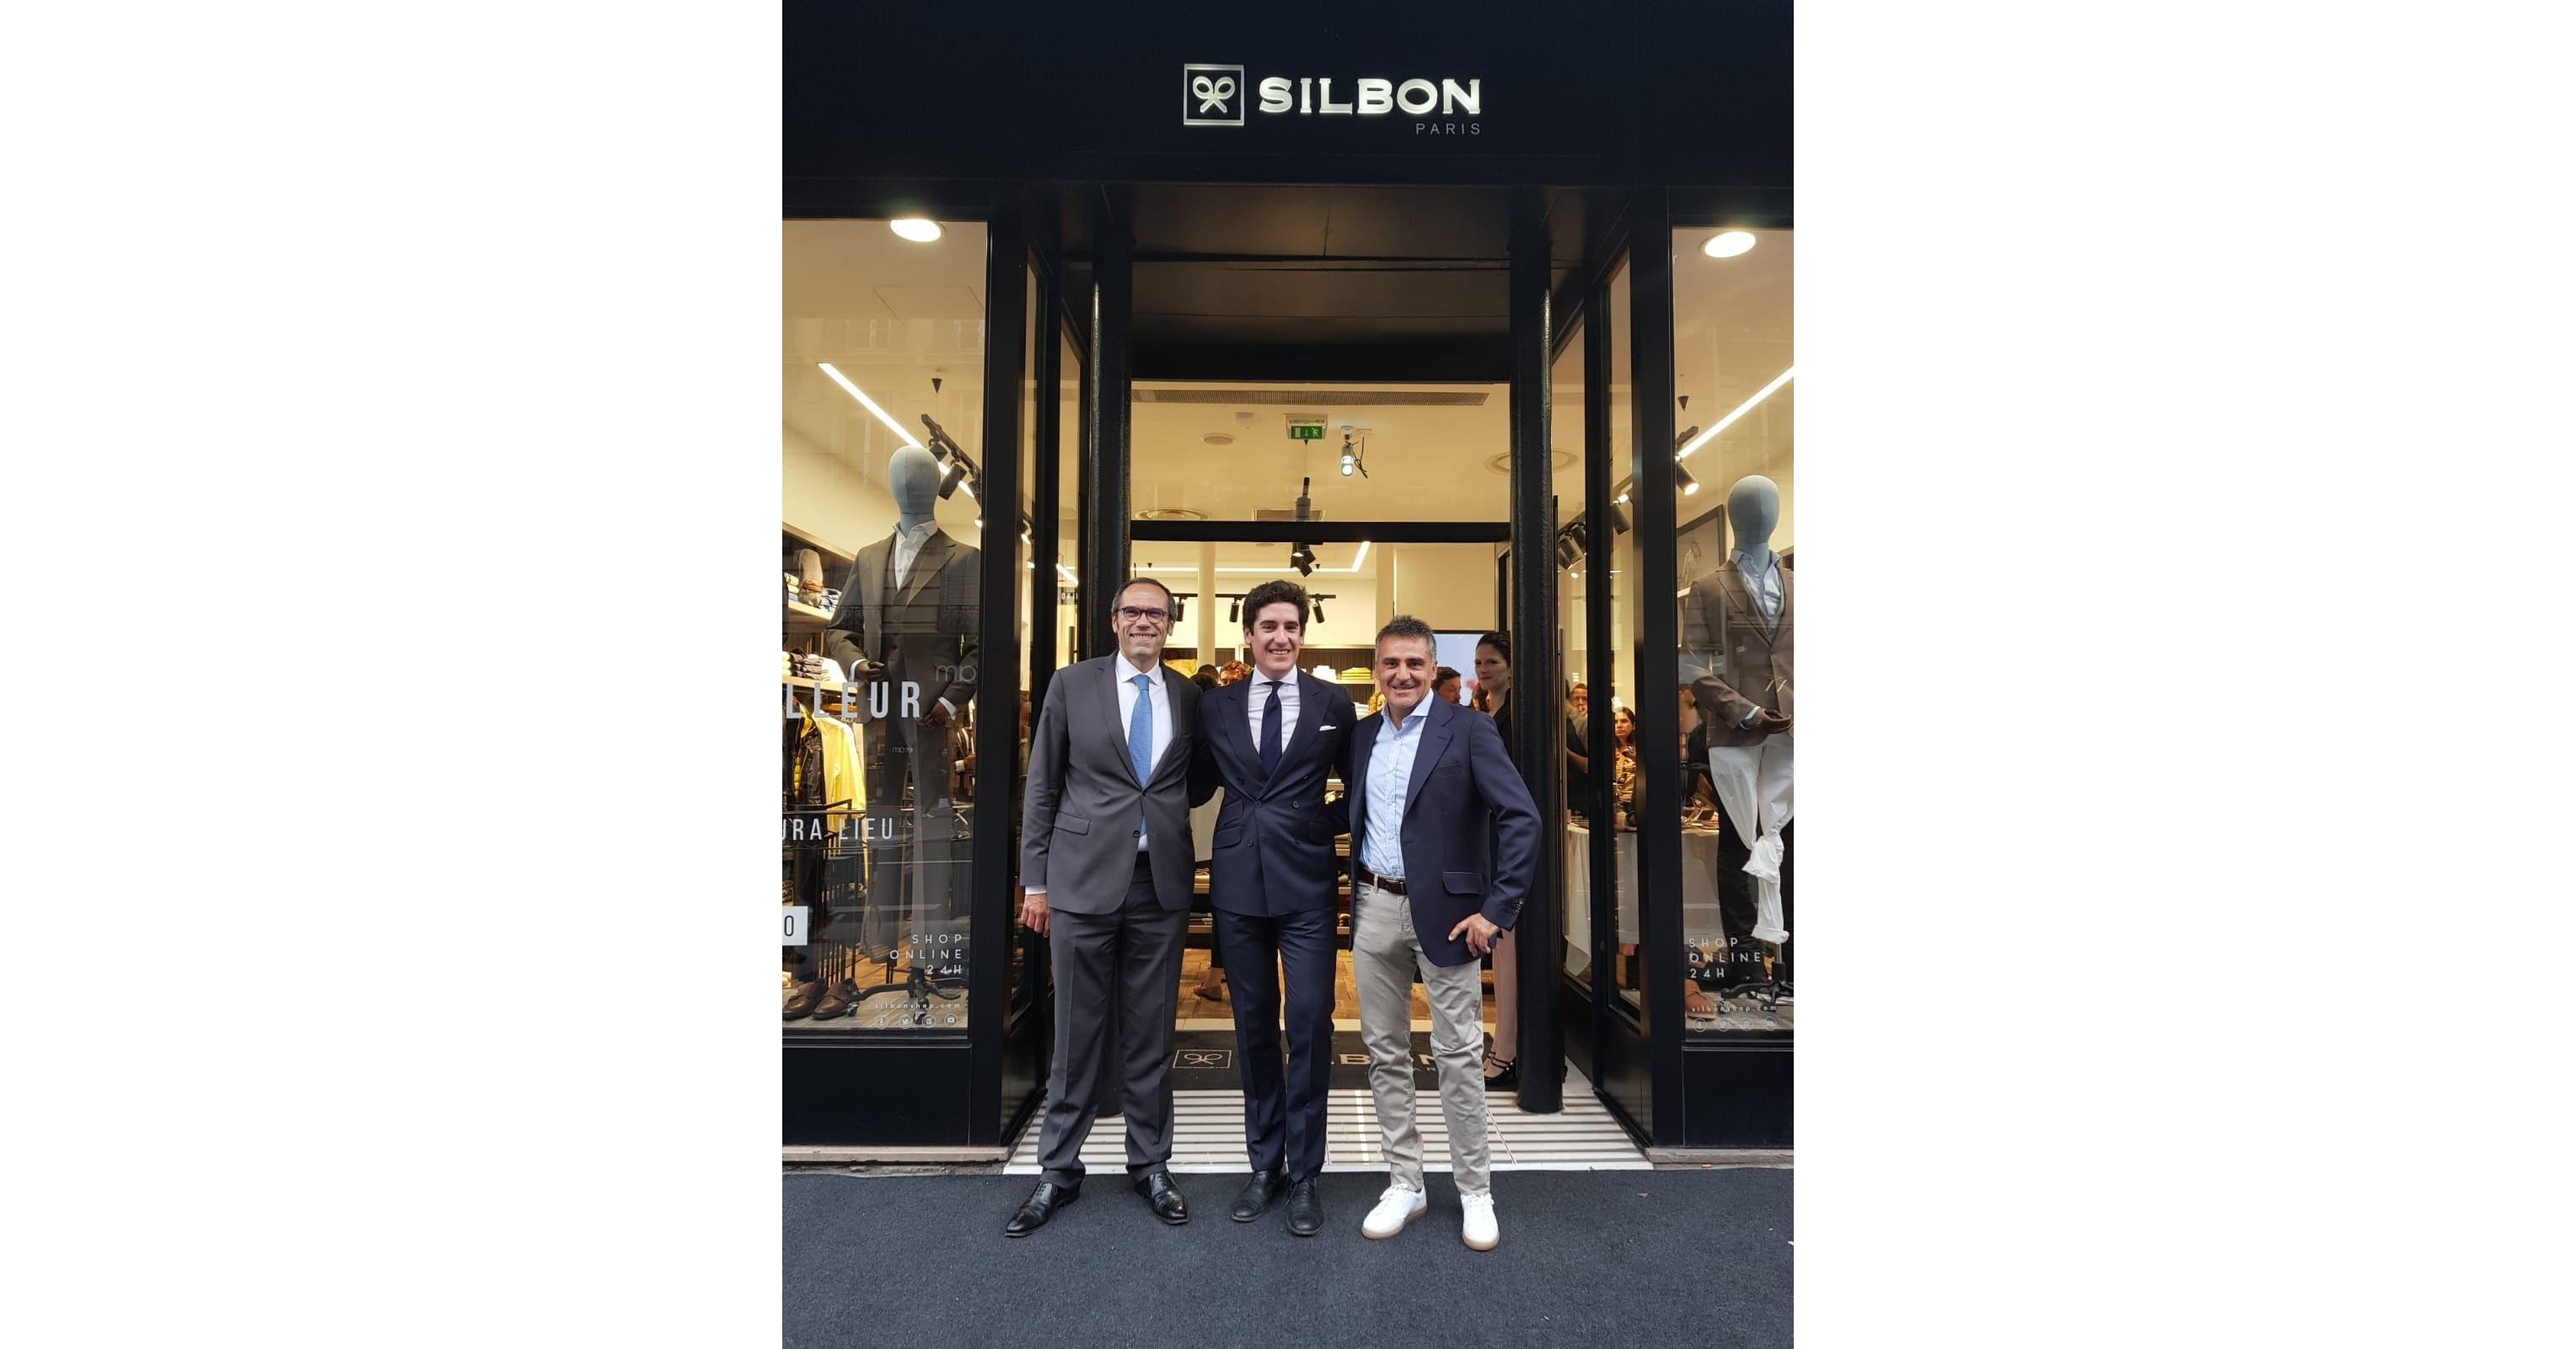 Silbon arrive paris - Chambre de commerce espagnole en france ...